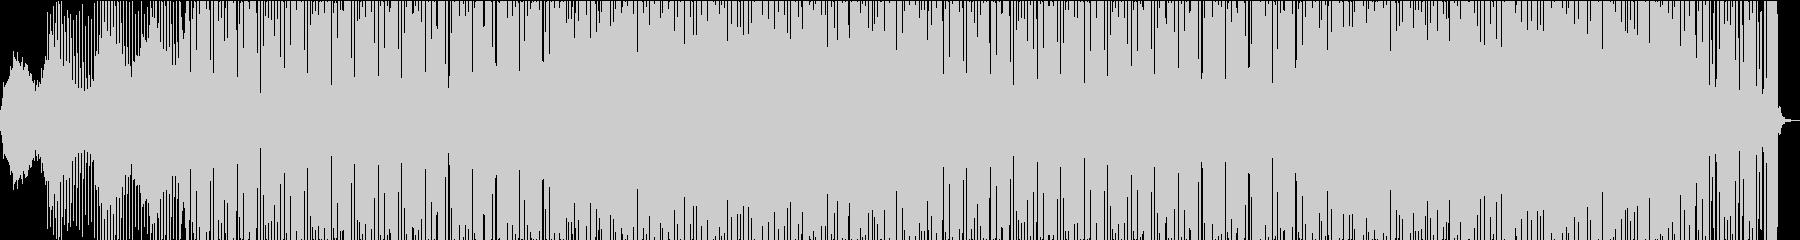 クールでダークなミニマル風テクノBGMの未再生の波形